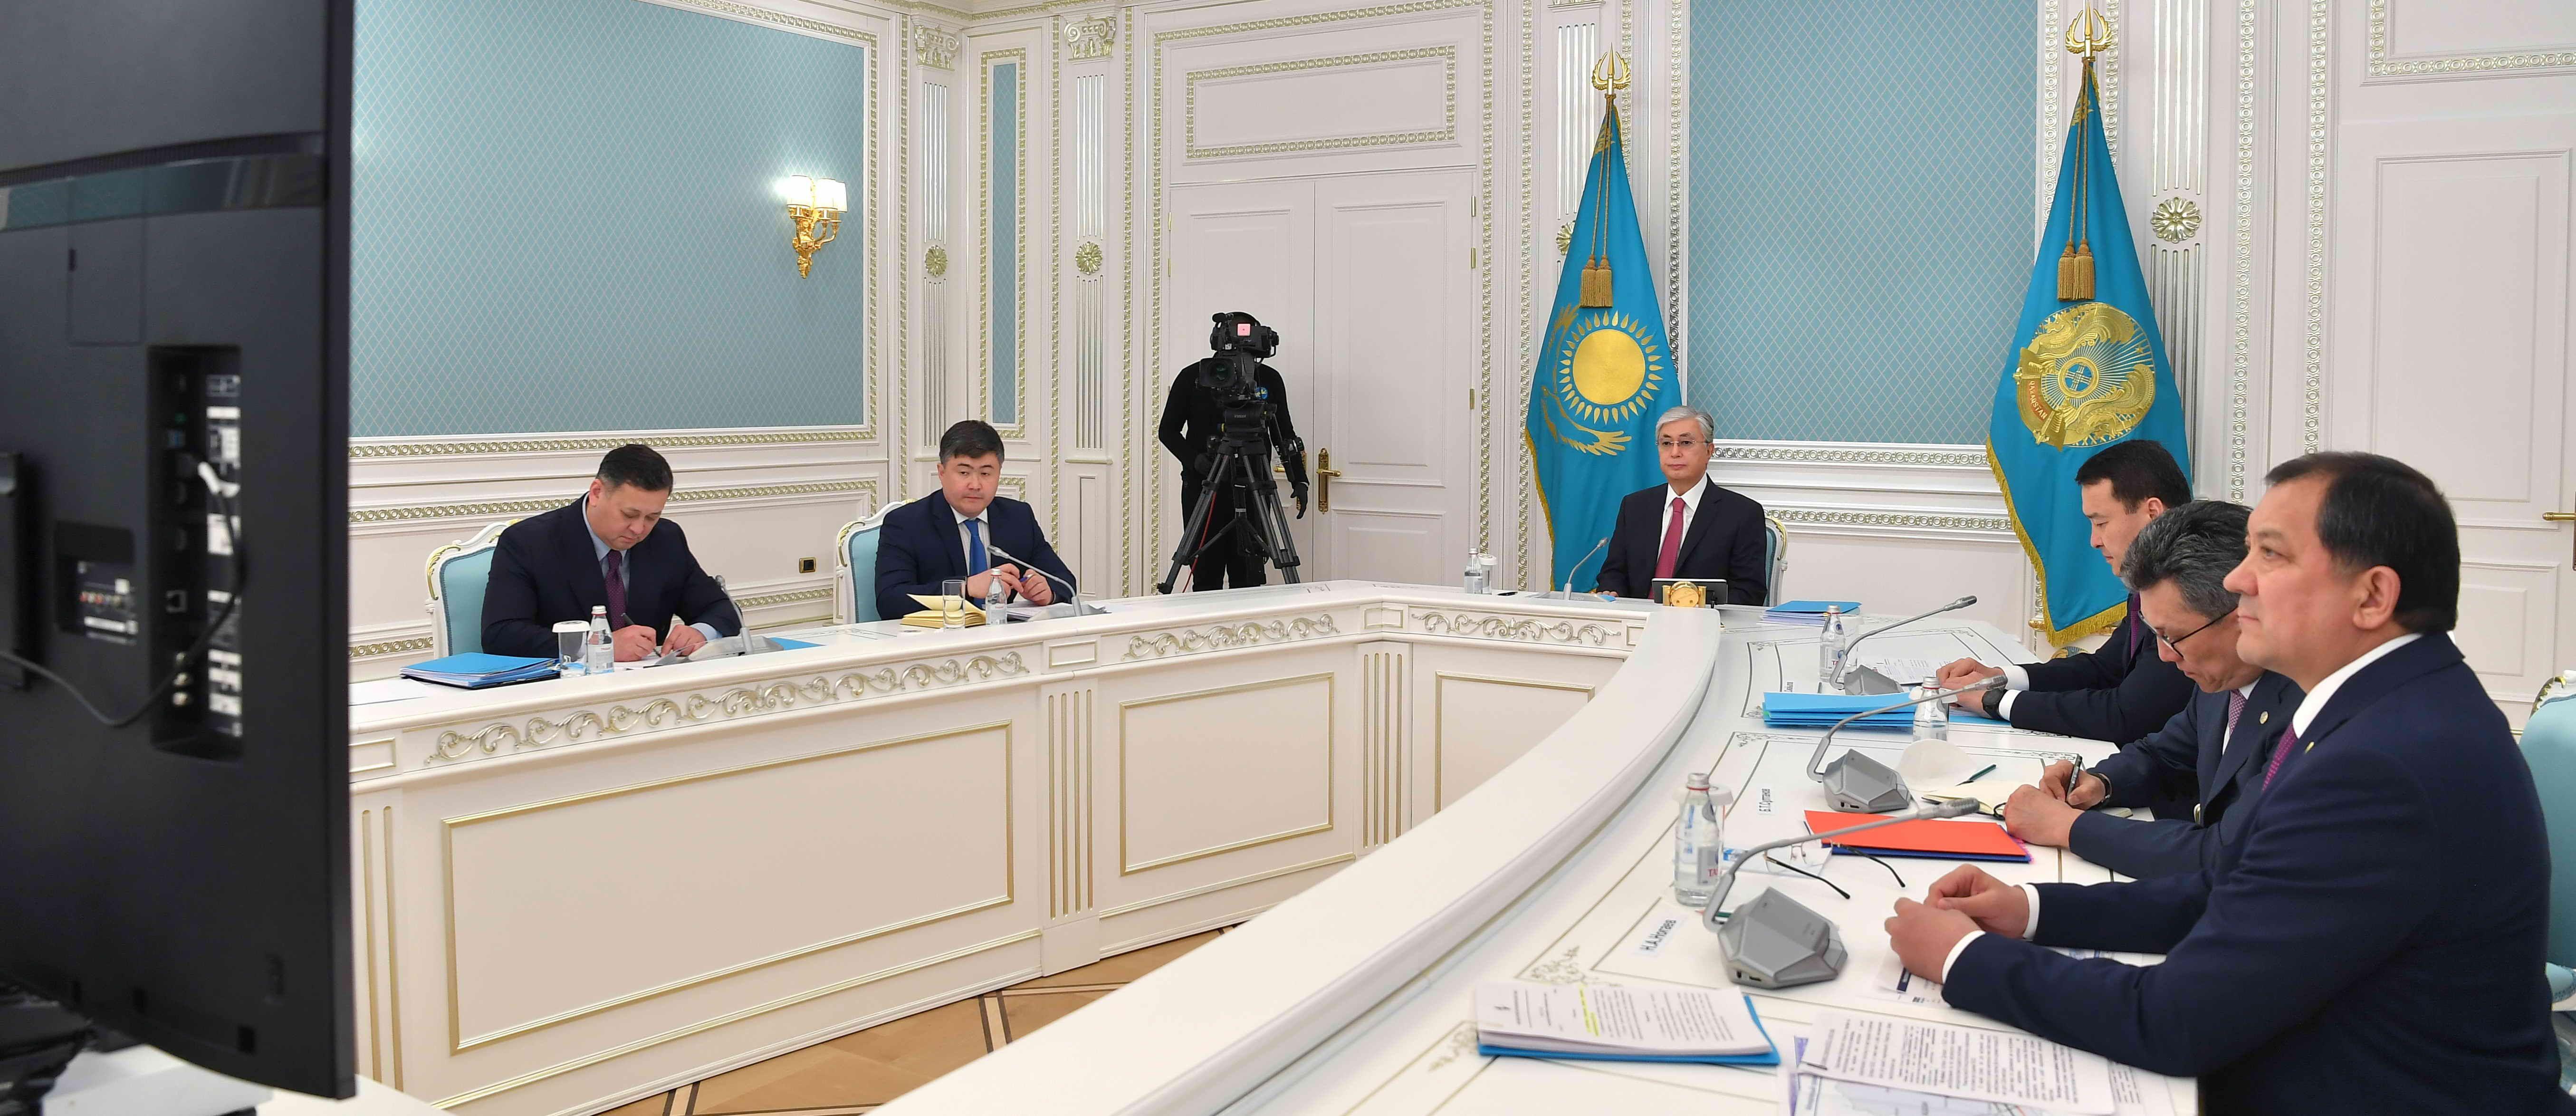 ЕАЭС: Стратегию развития интеграции направили на доработку   312592 - Kapital.kz